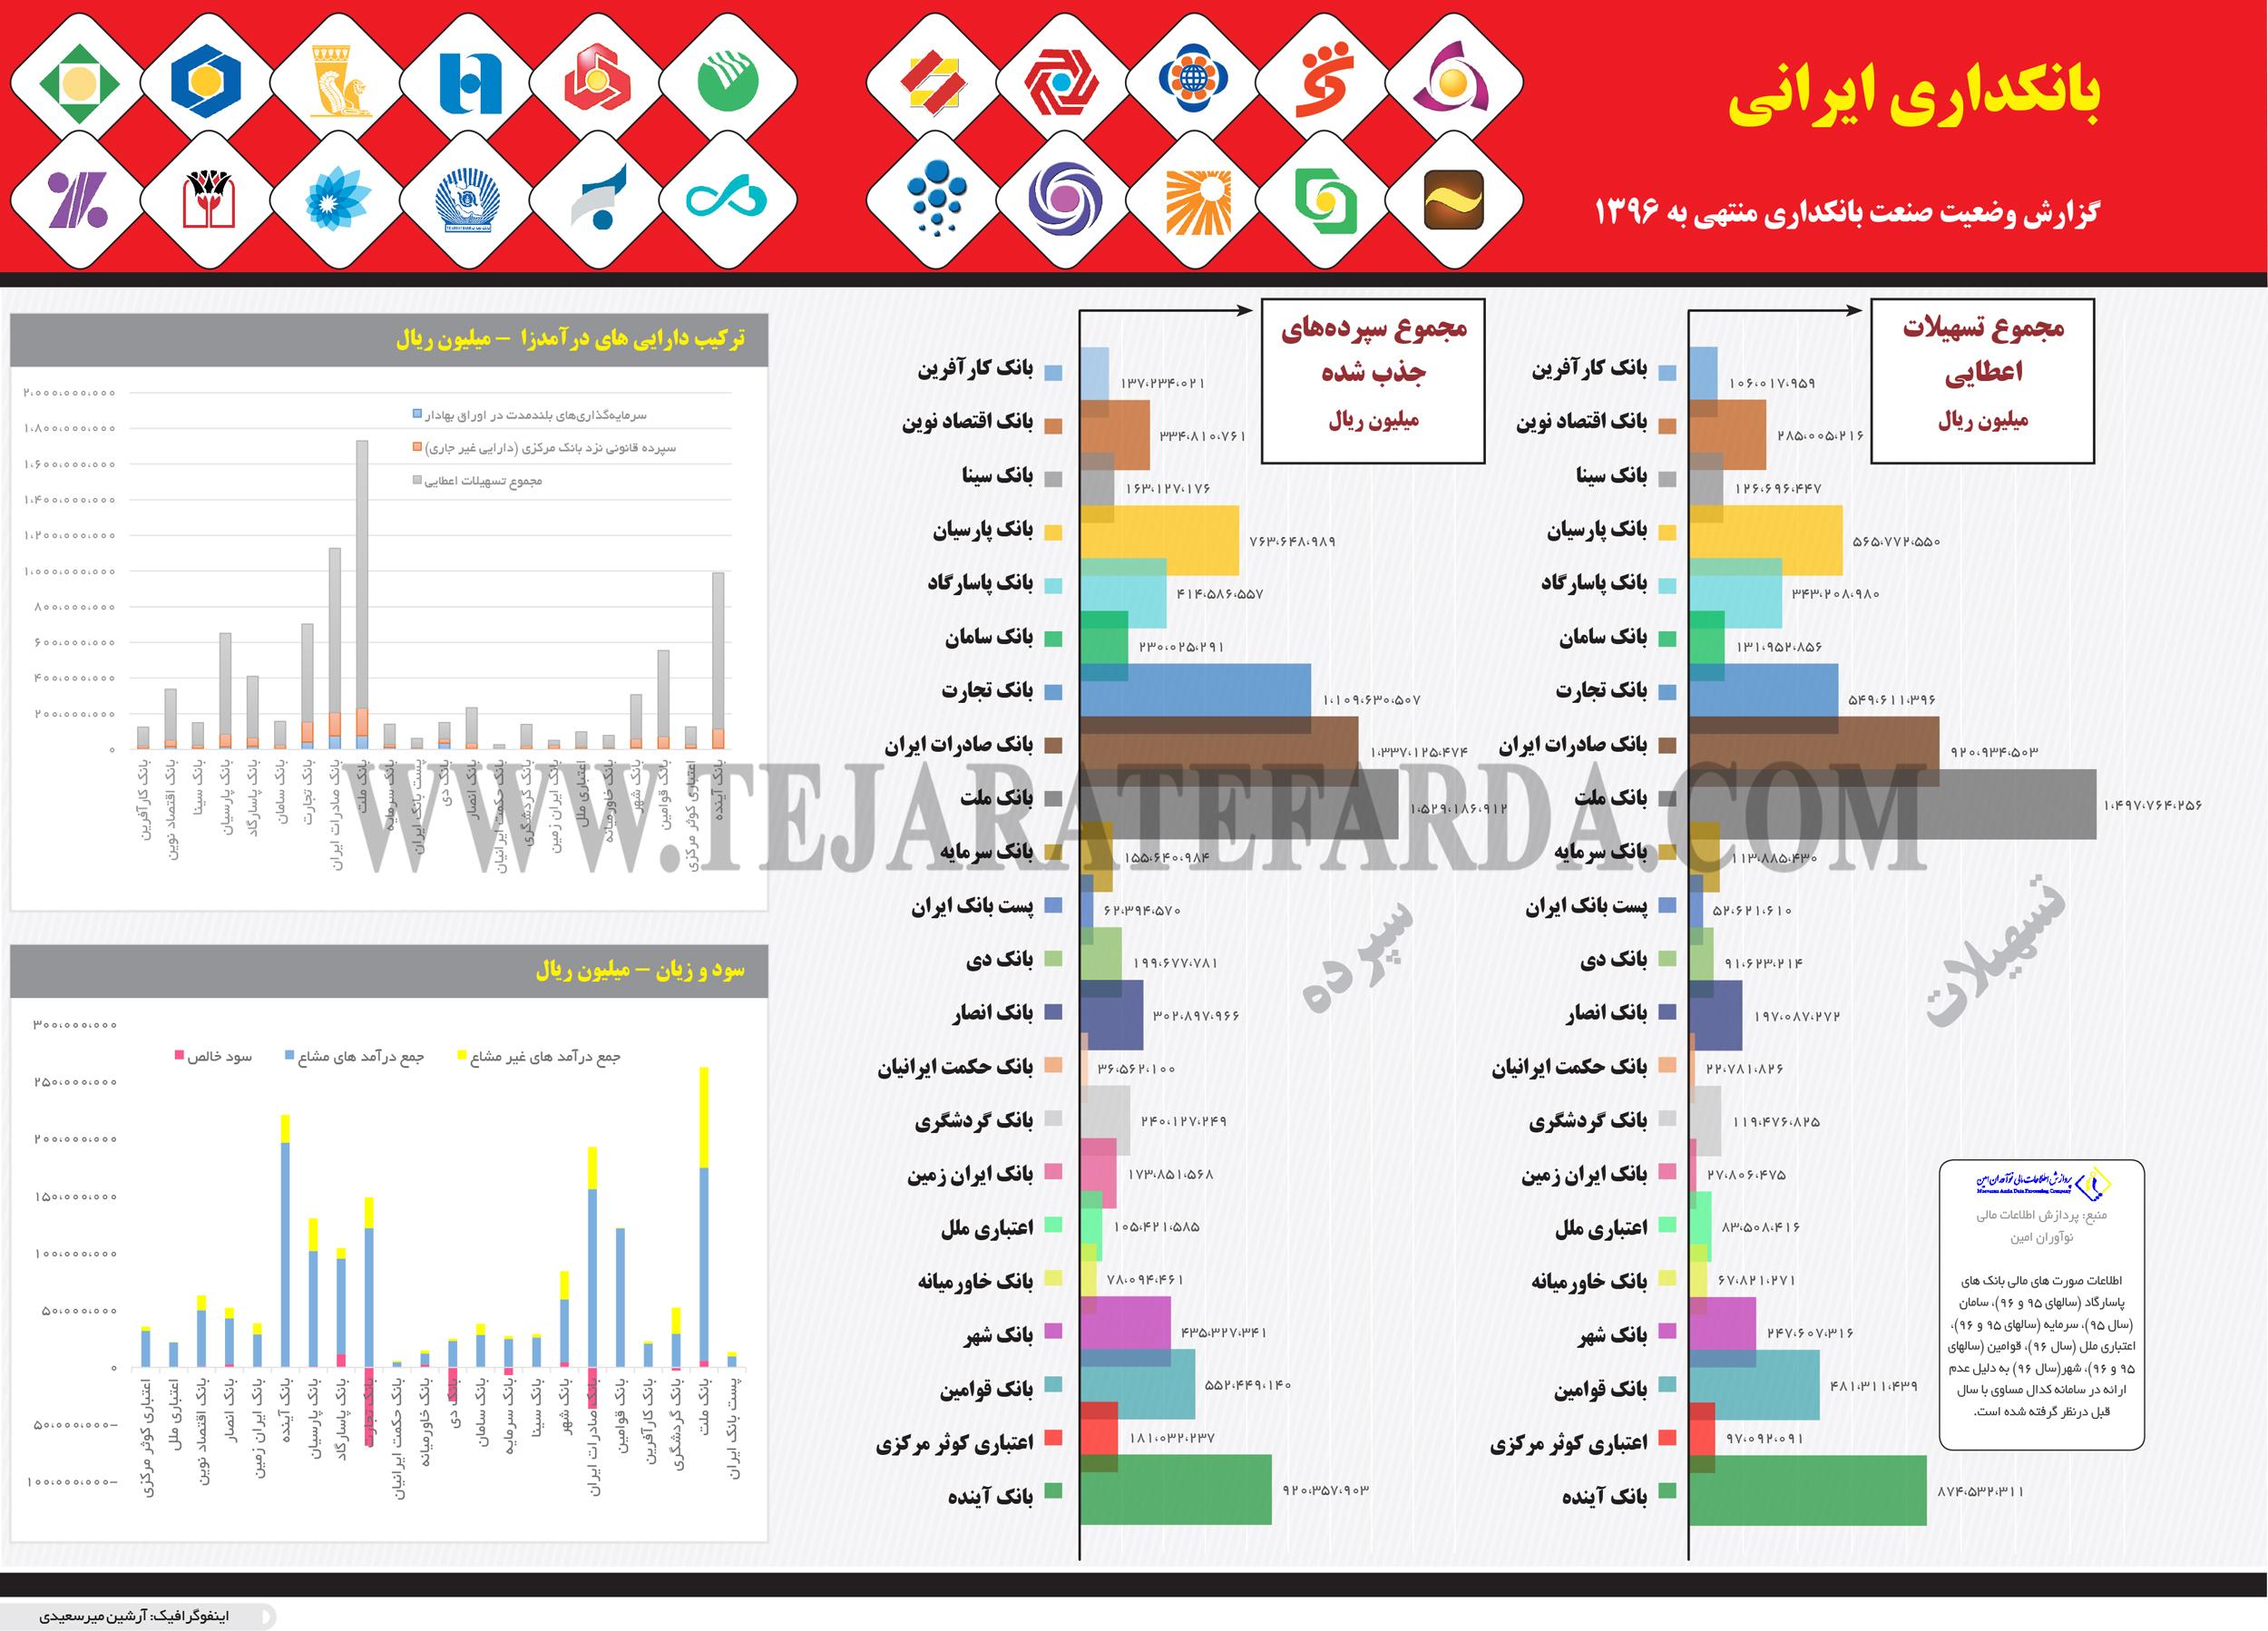 تجارت فردا- اینفوگرافیک- بانکداری ایرانی